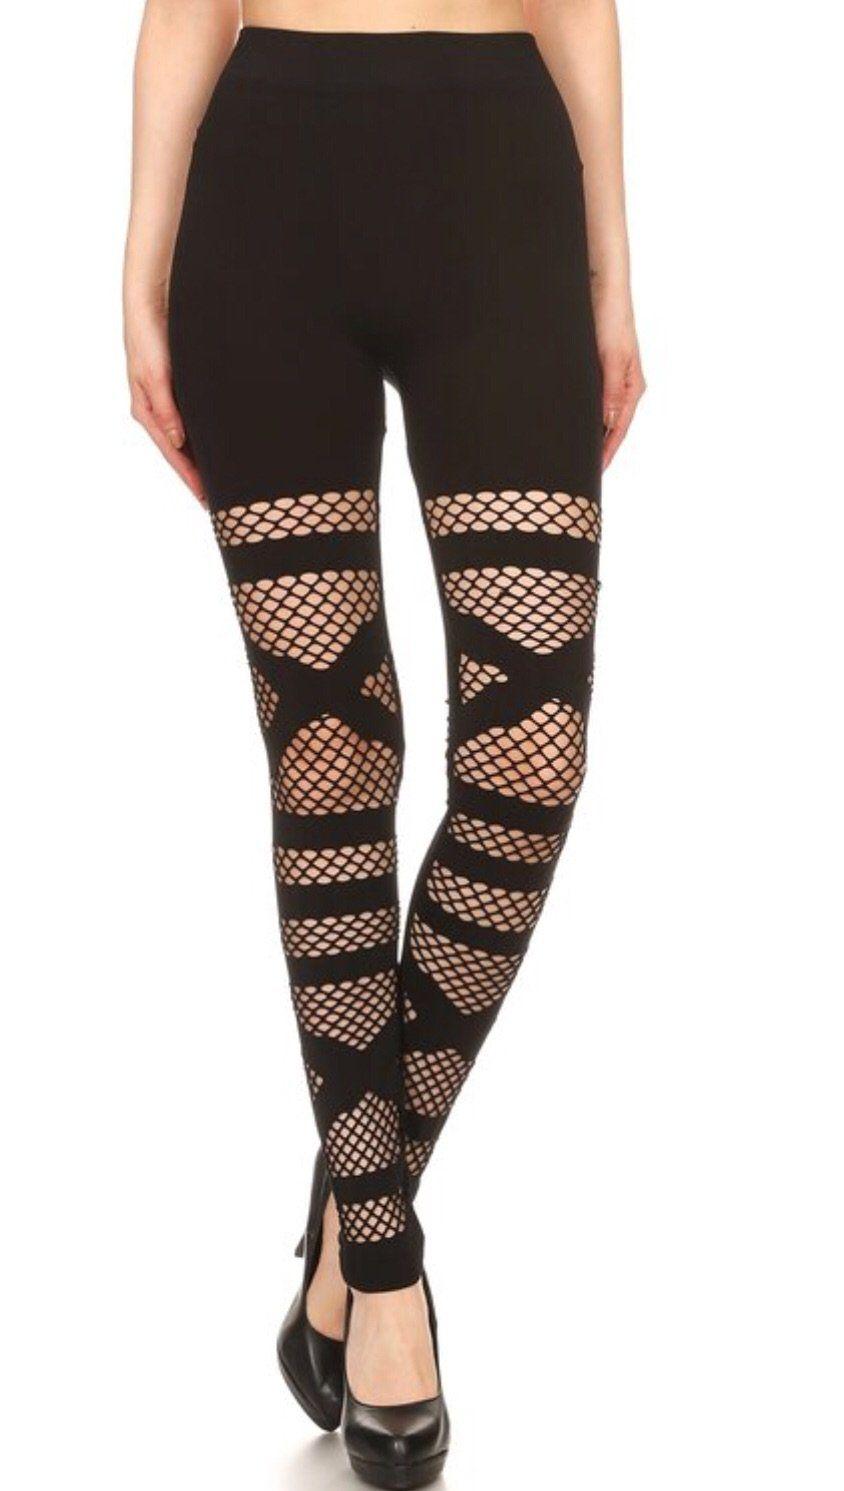 0307849a647 Dyme Net Legging Fishnet Leggings